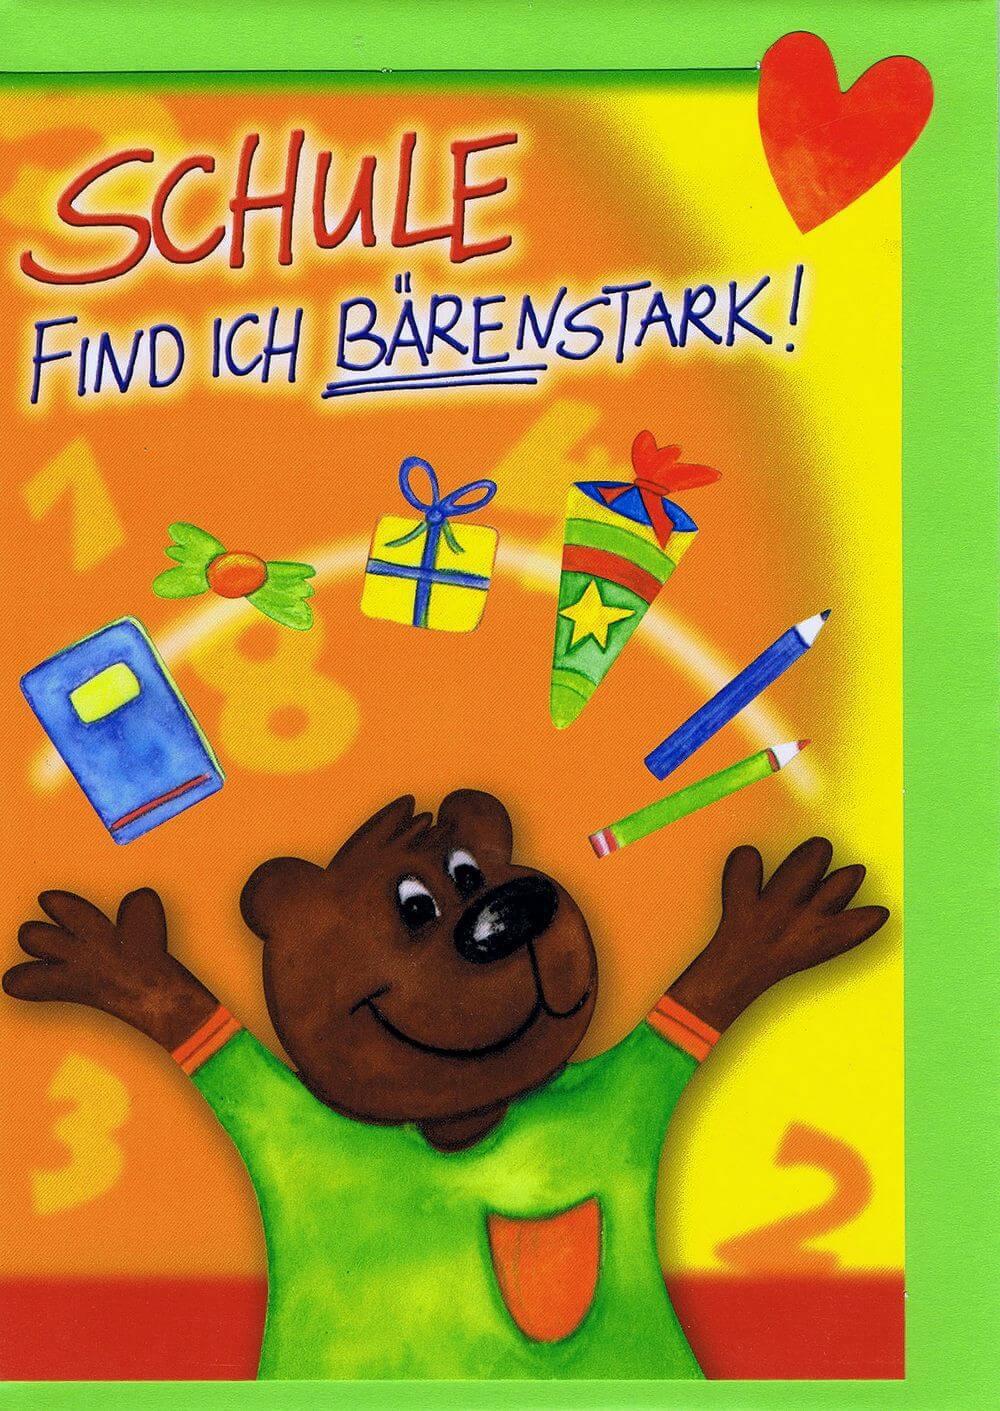 Karte von Herzen, Einschulung, Schule find ich Bärenstark